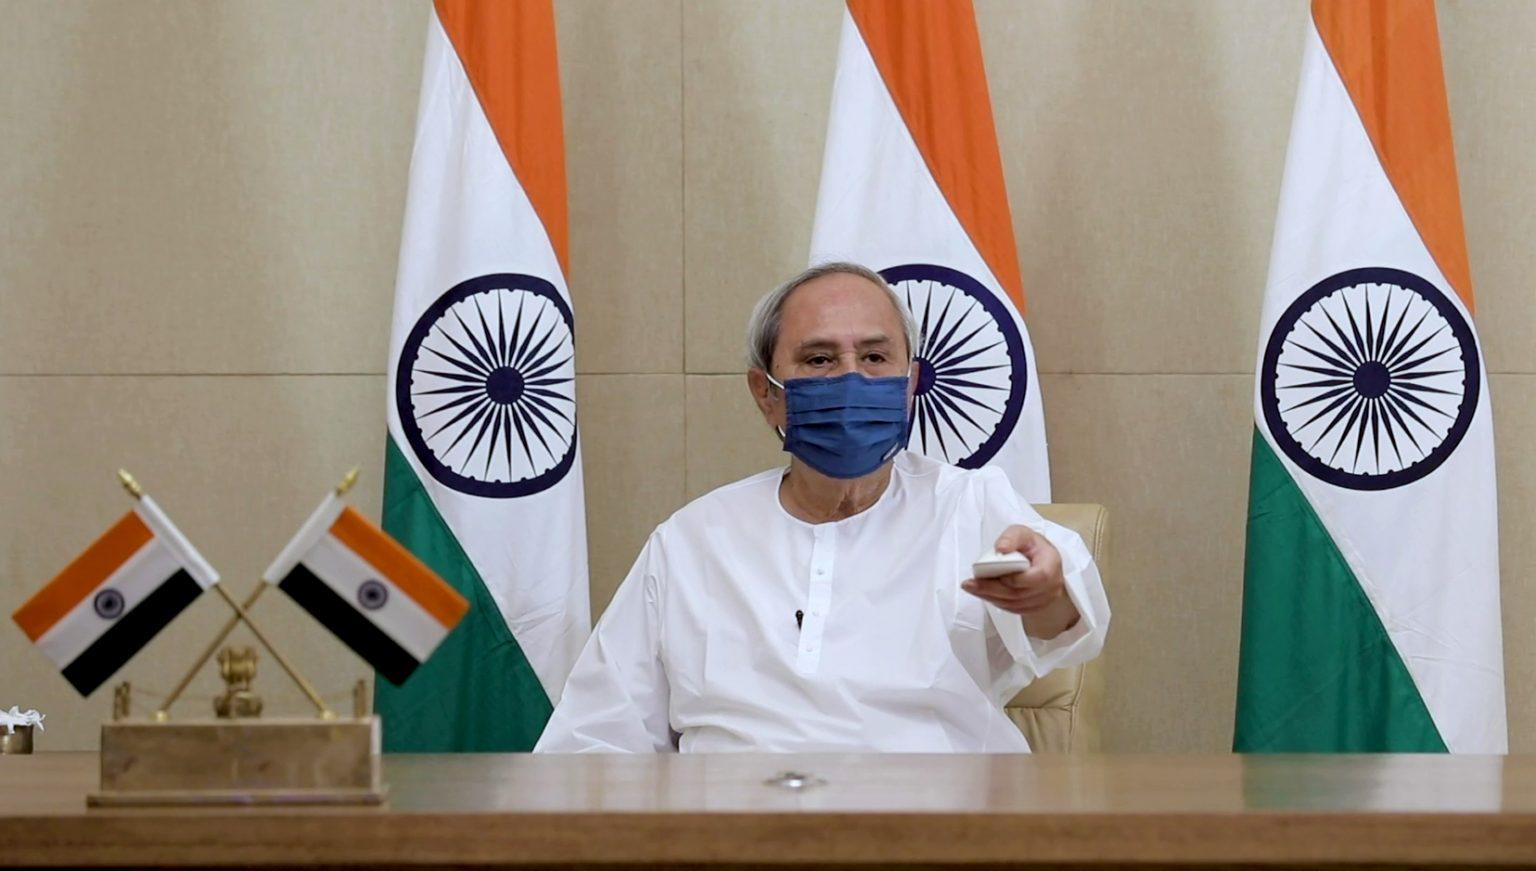 Odisha to become 1st Indian state to Provide Smart Health Cards   স্মার্ট হেলথ কার্ড প্রদানকারী প্রথম ভারতীয় রাজ্য ওড়িশা_40.1